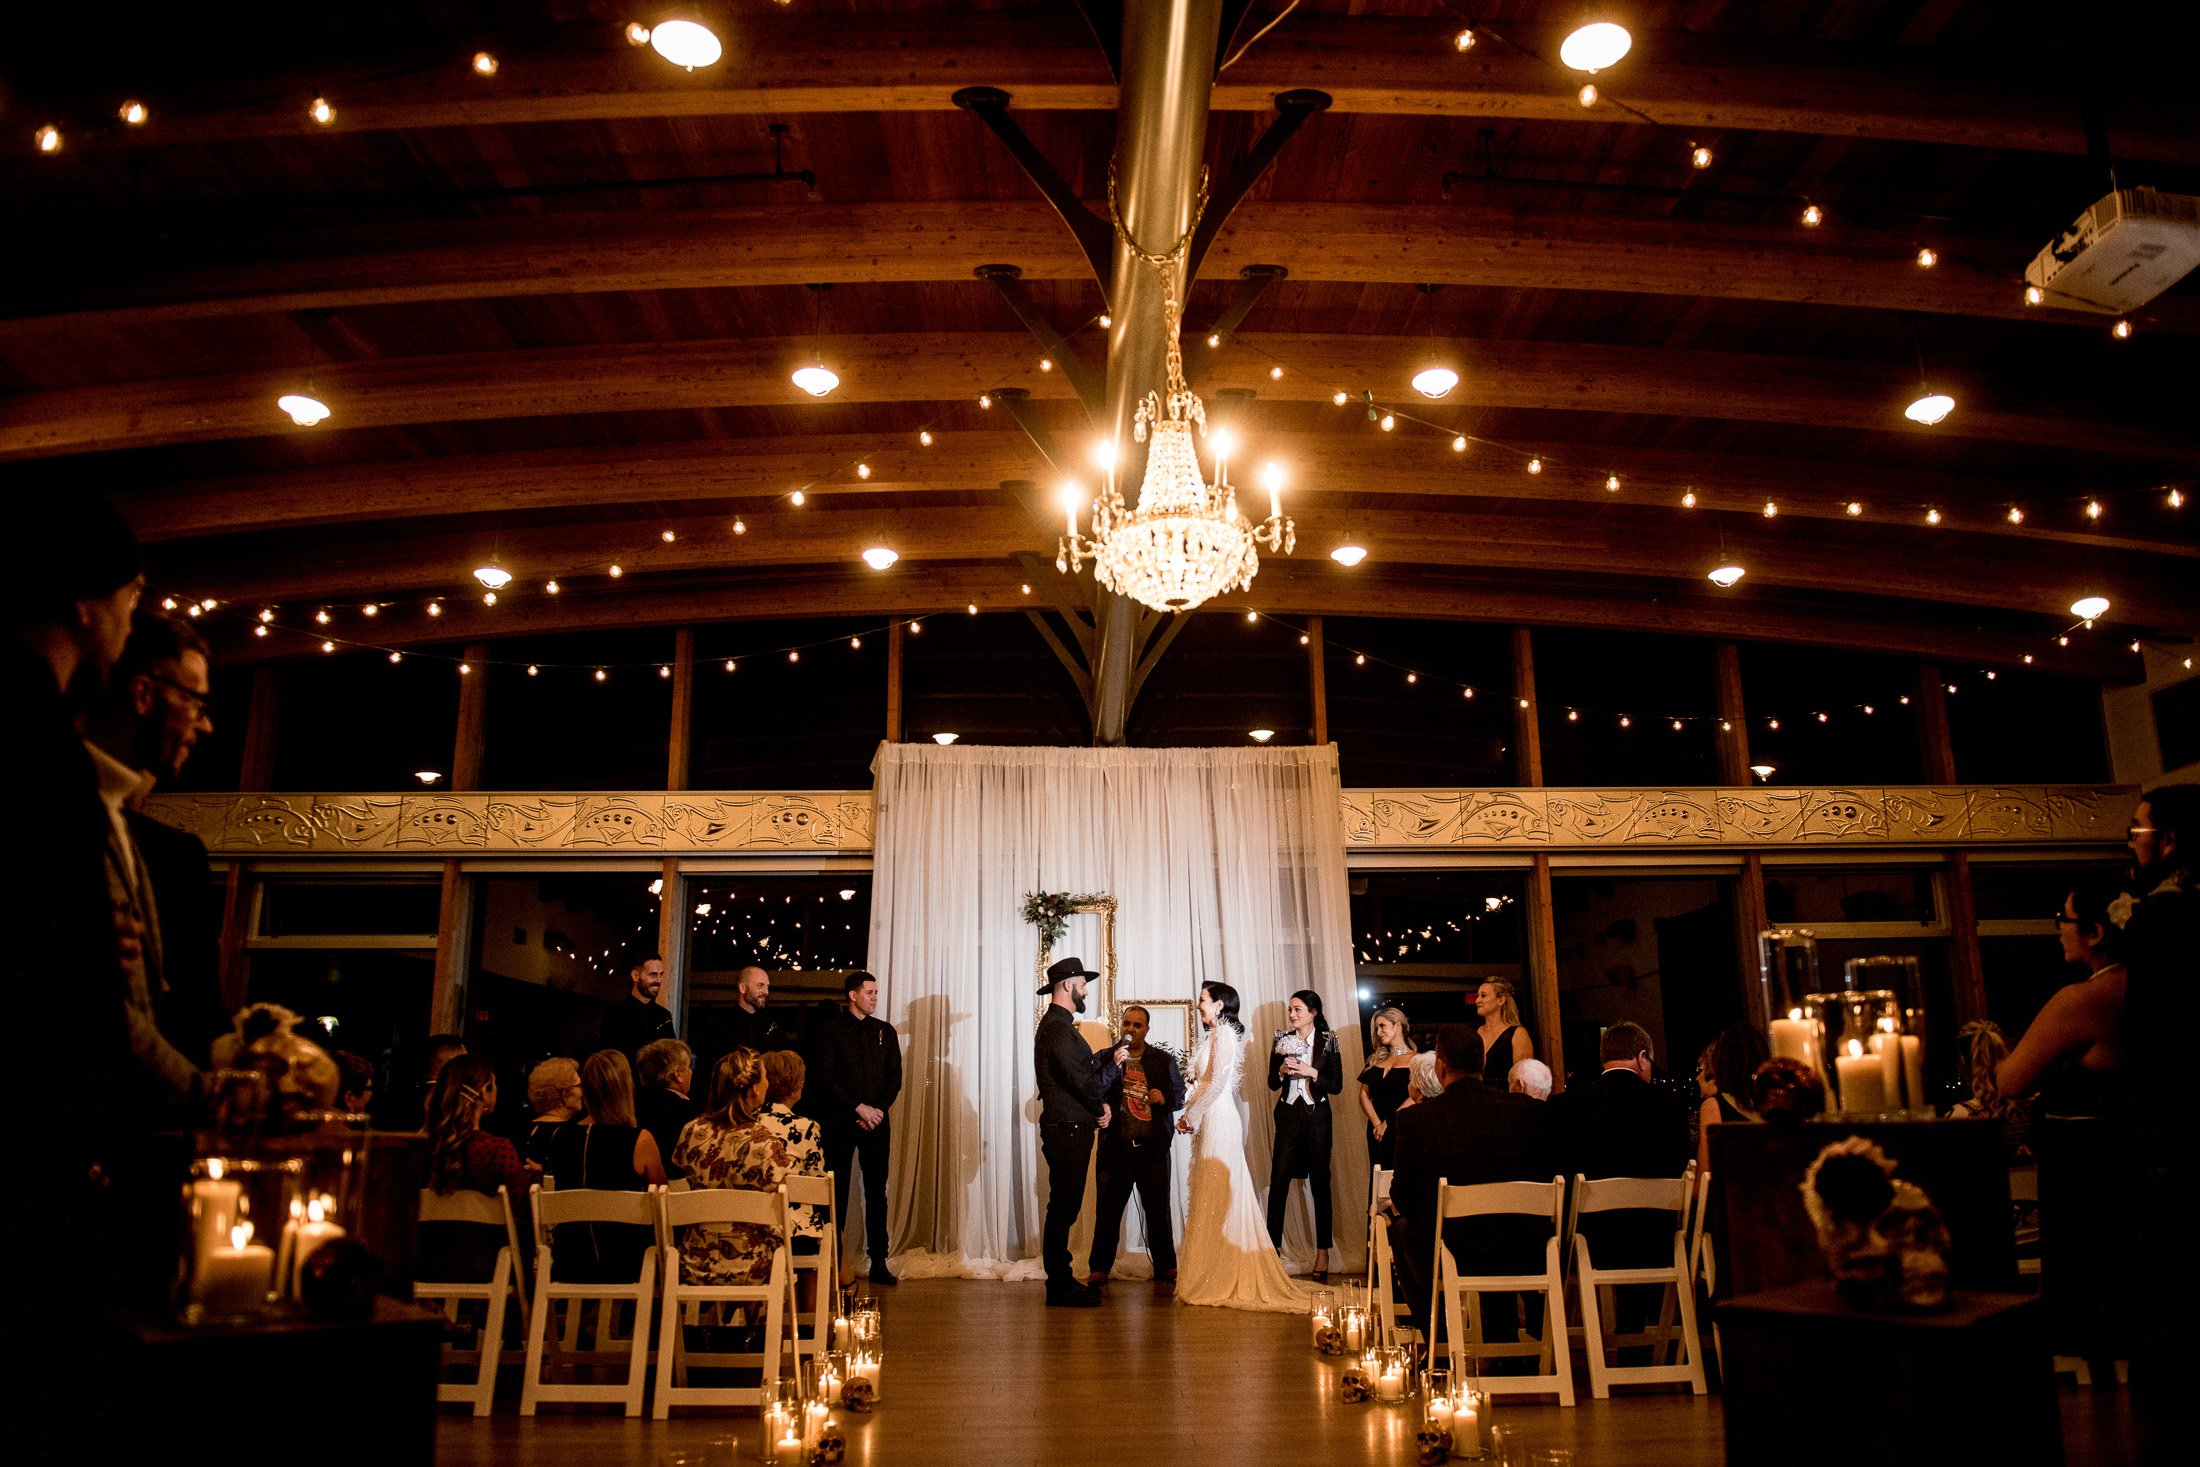 027 - Weddings John MS Lecky UBC Boathouse